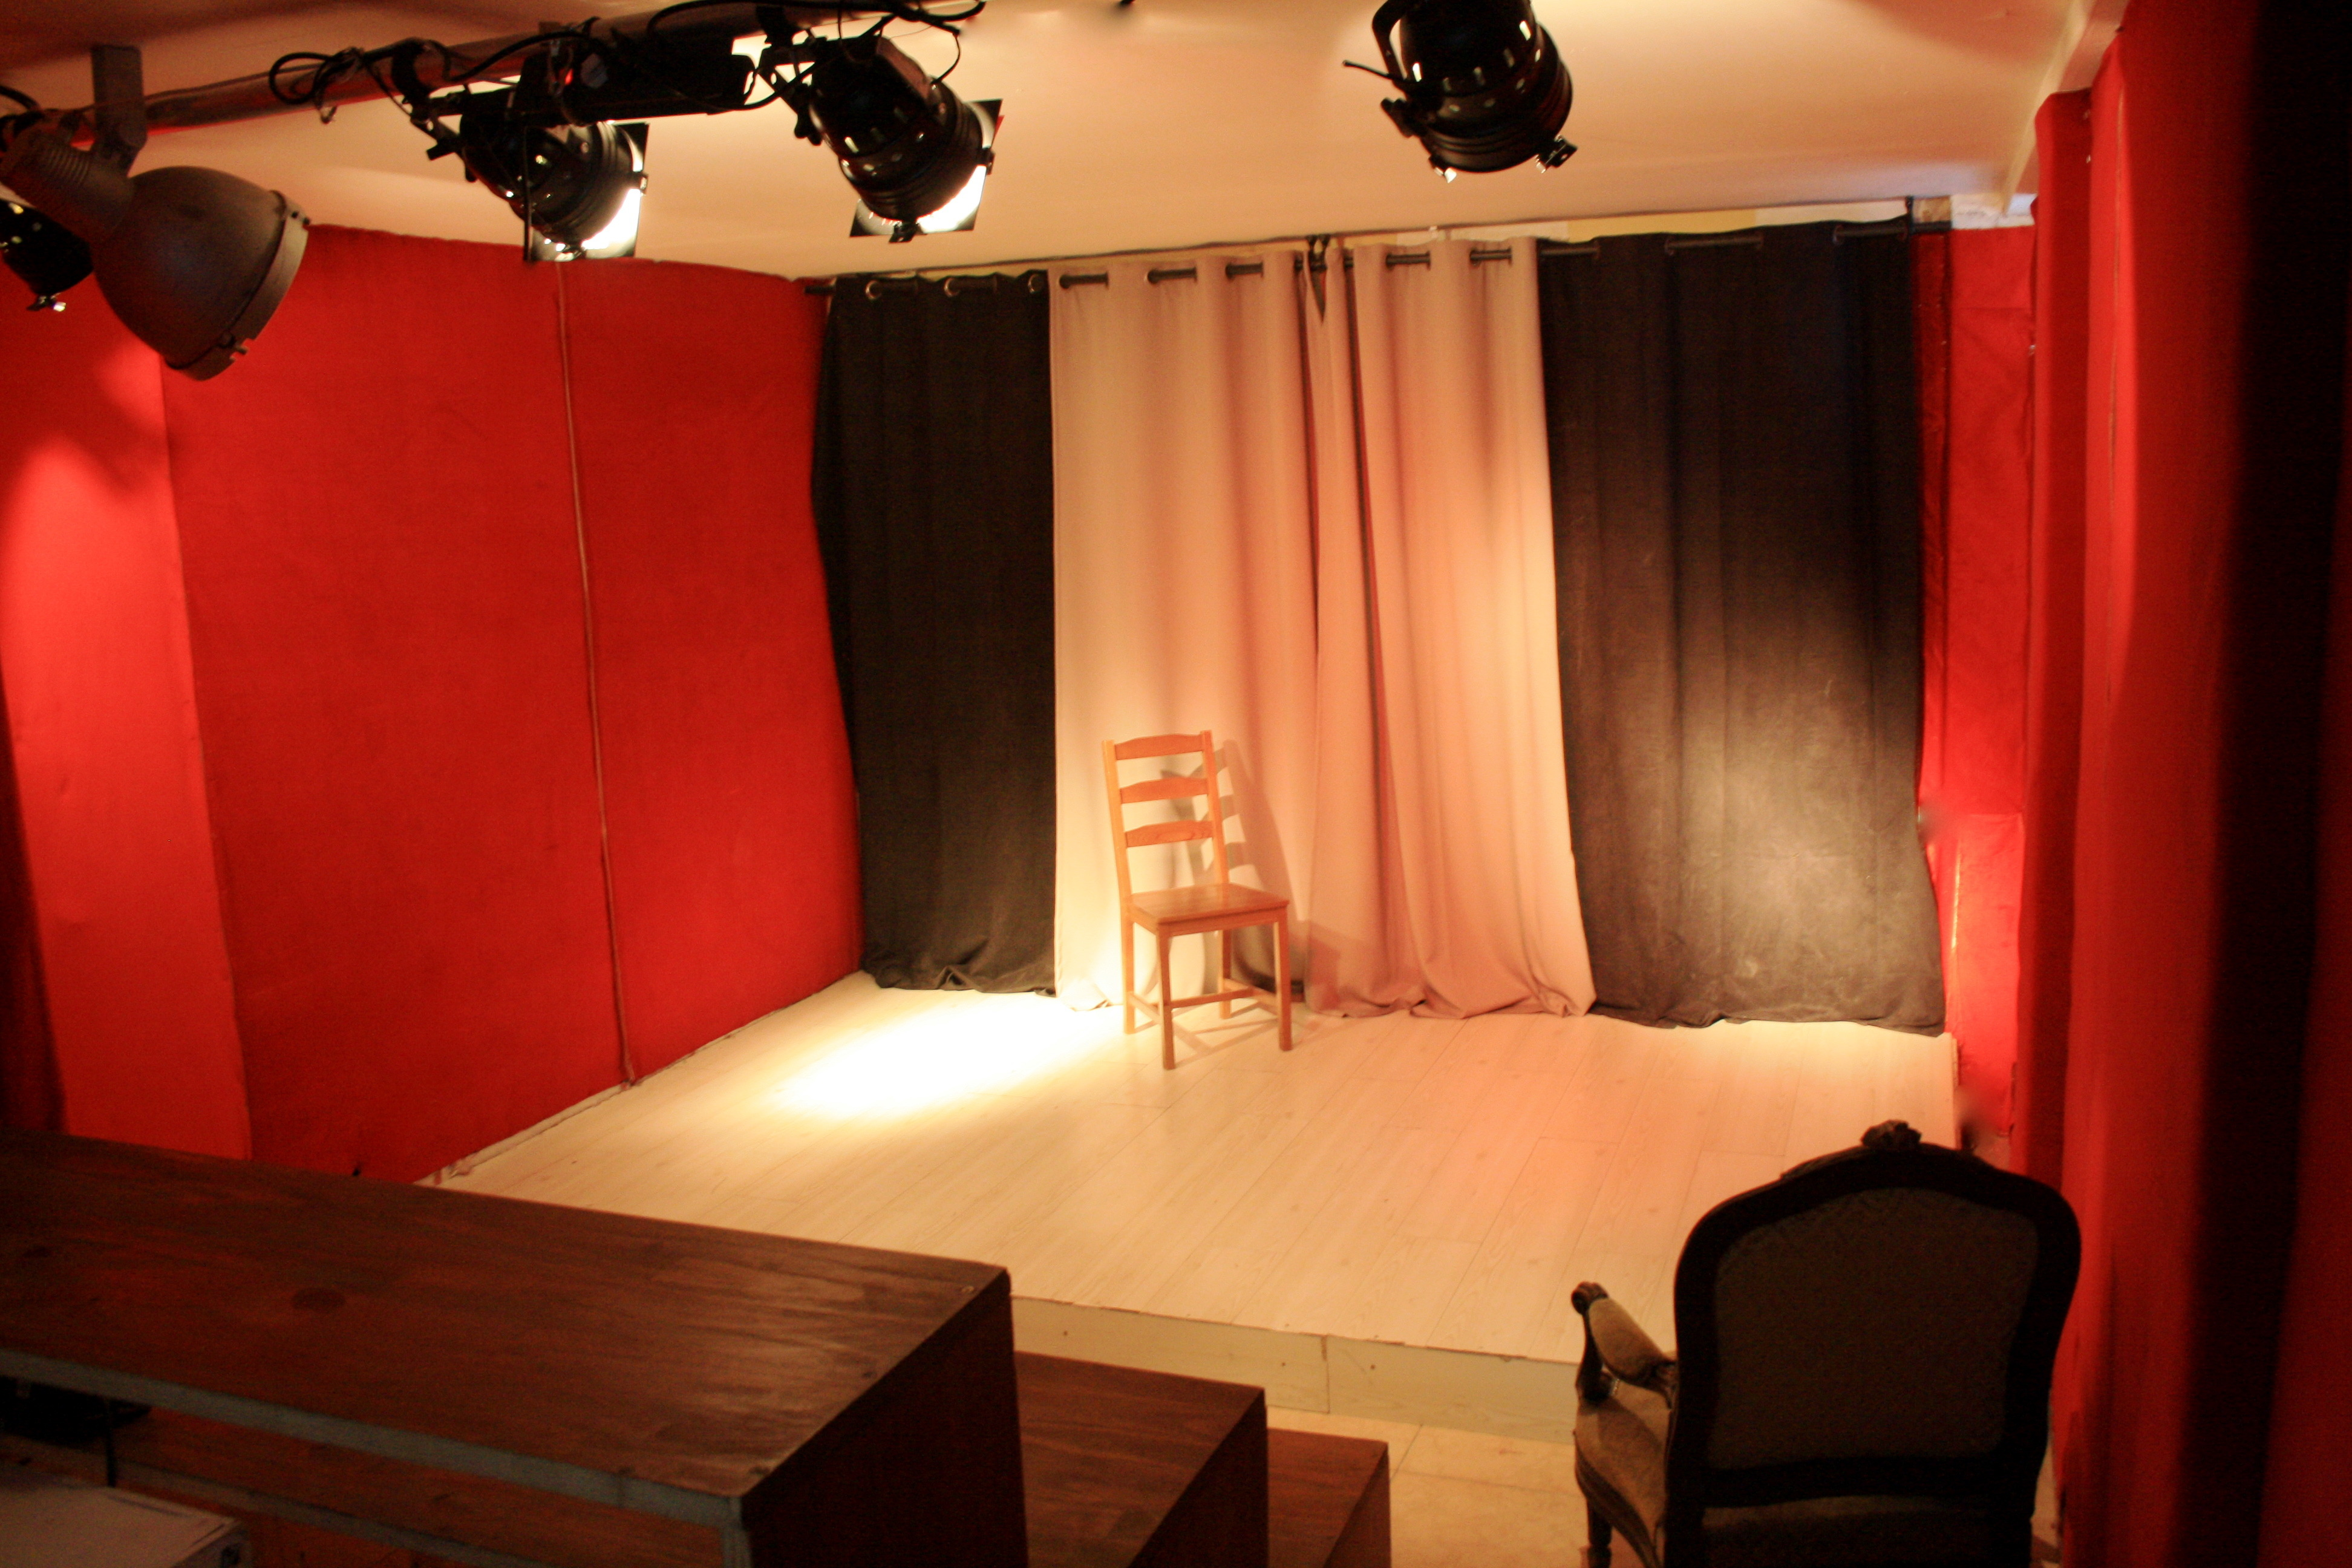 location salle de r p tition et studio de casting paris 17 me pas cher paris 17 75017. Black Bedroom Furniture Sets. Home Design Ideas